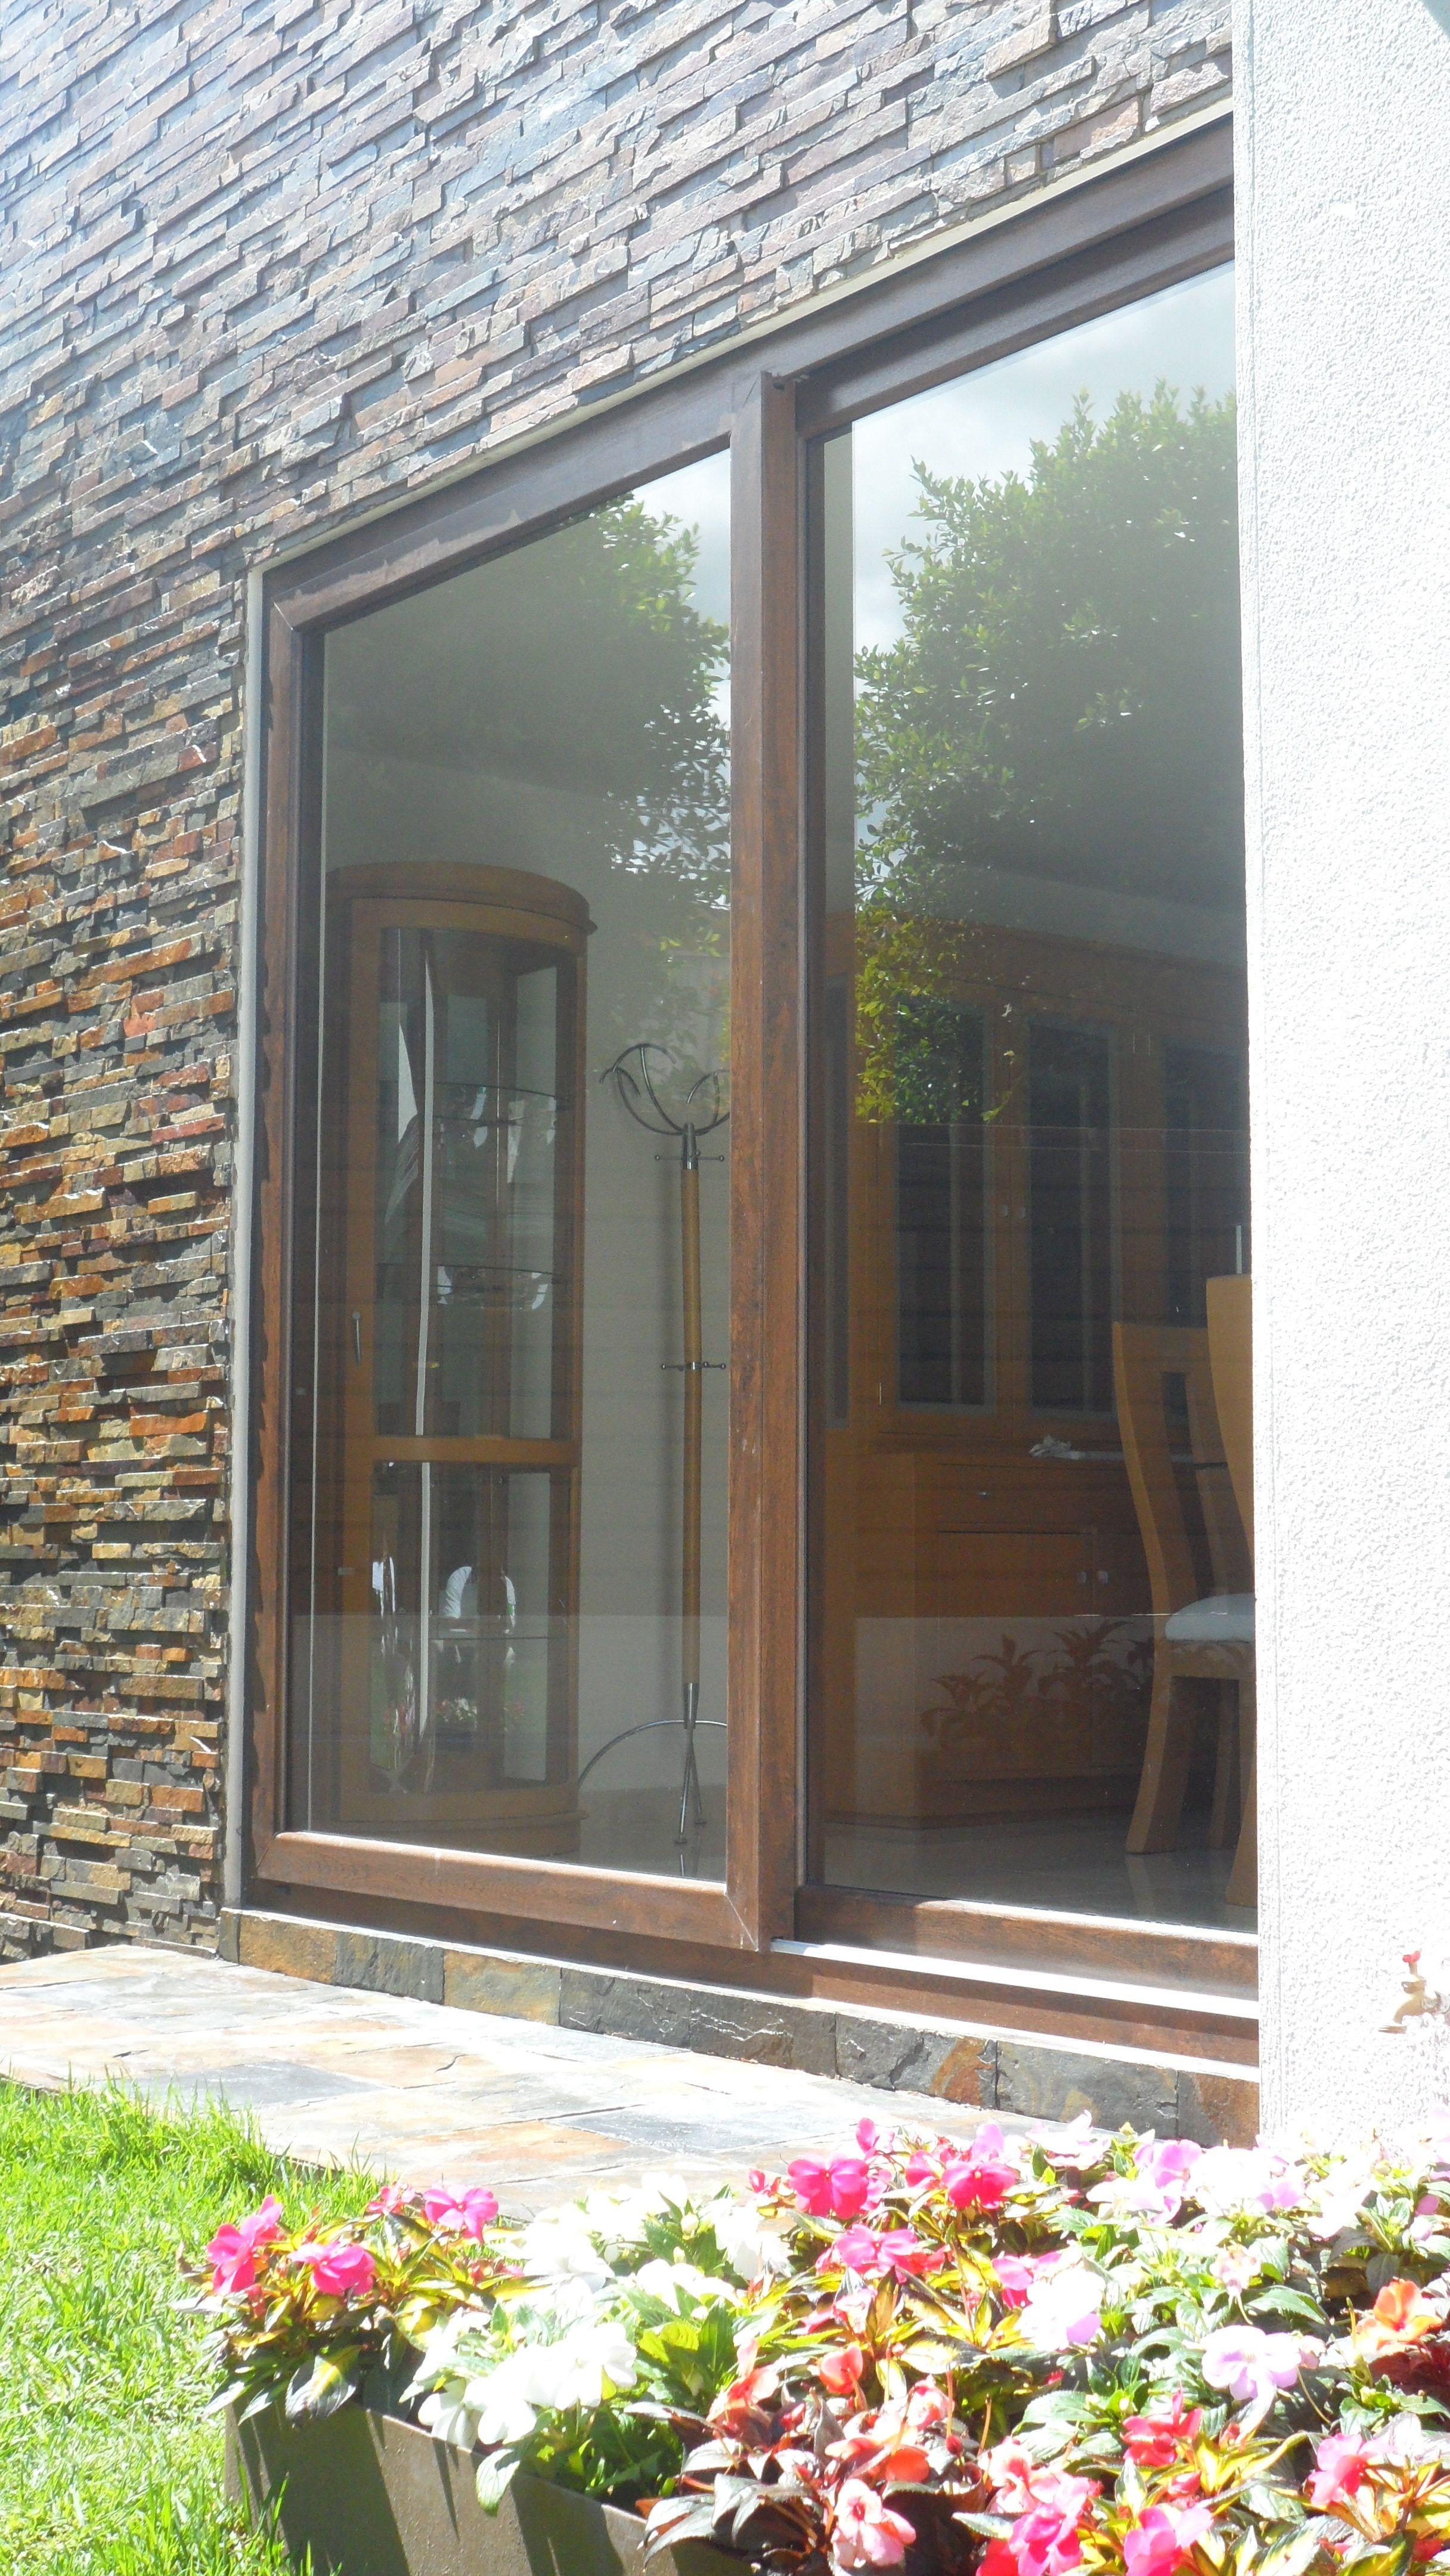 Im genes ventanas pvc madera m xico arquitectura for Ventanas pvc color madera